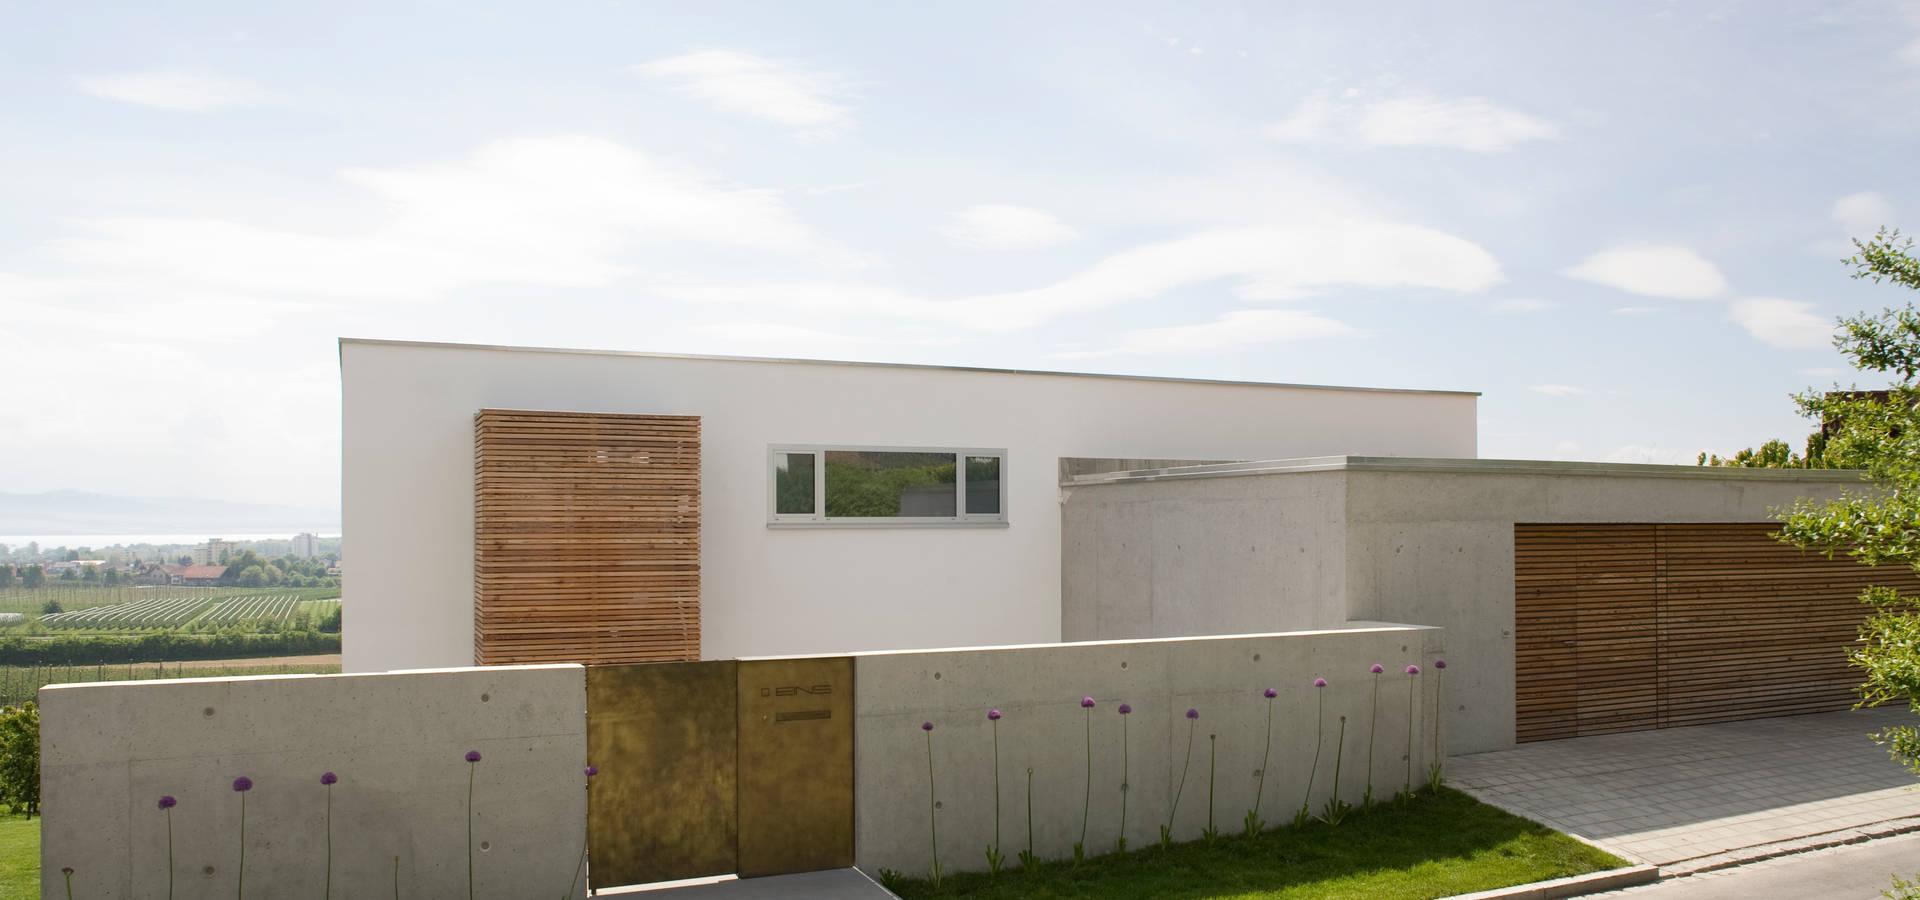 Architekten Friedrichshafen wohnhaus am see by gms freie architekten isny friedrichshafen homify